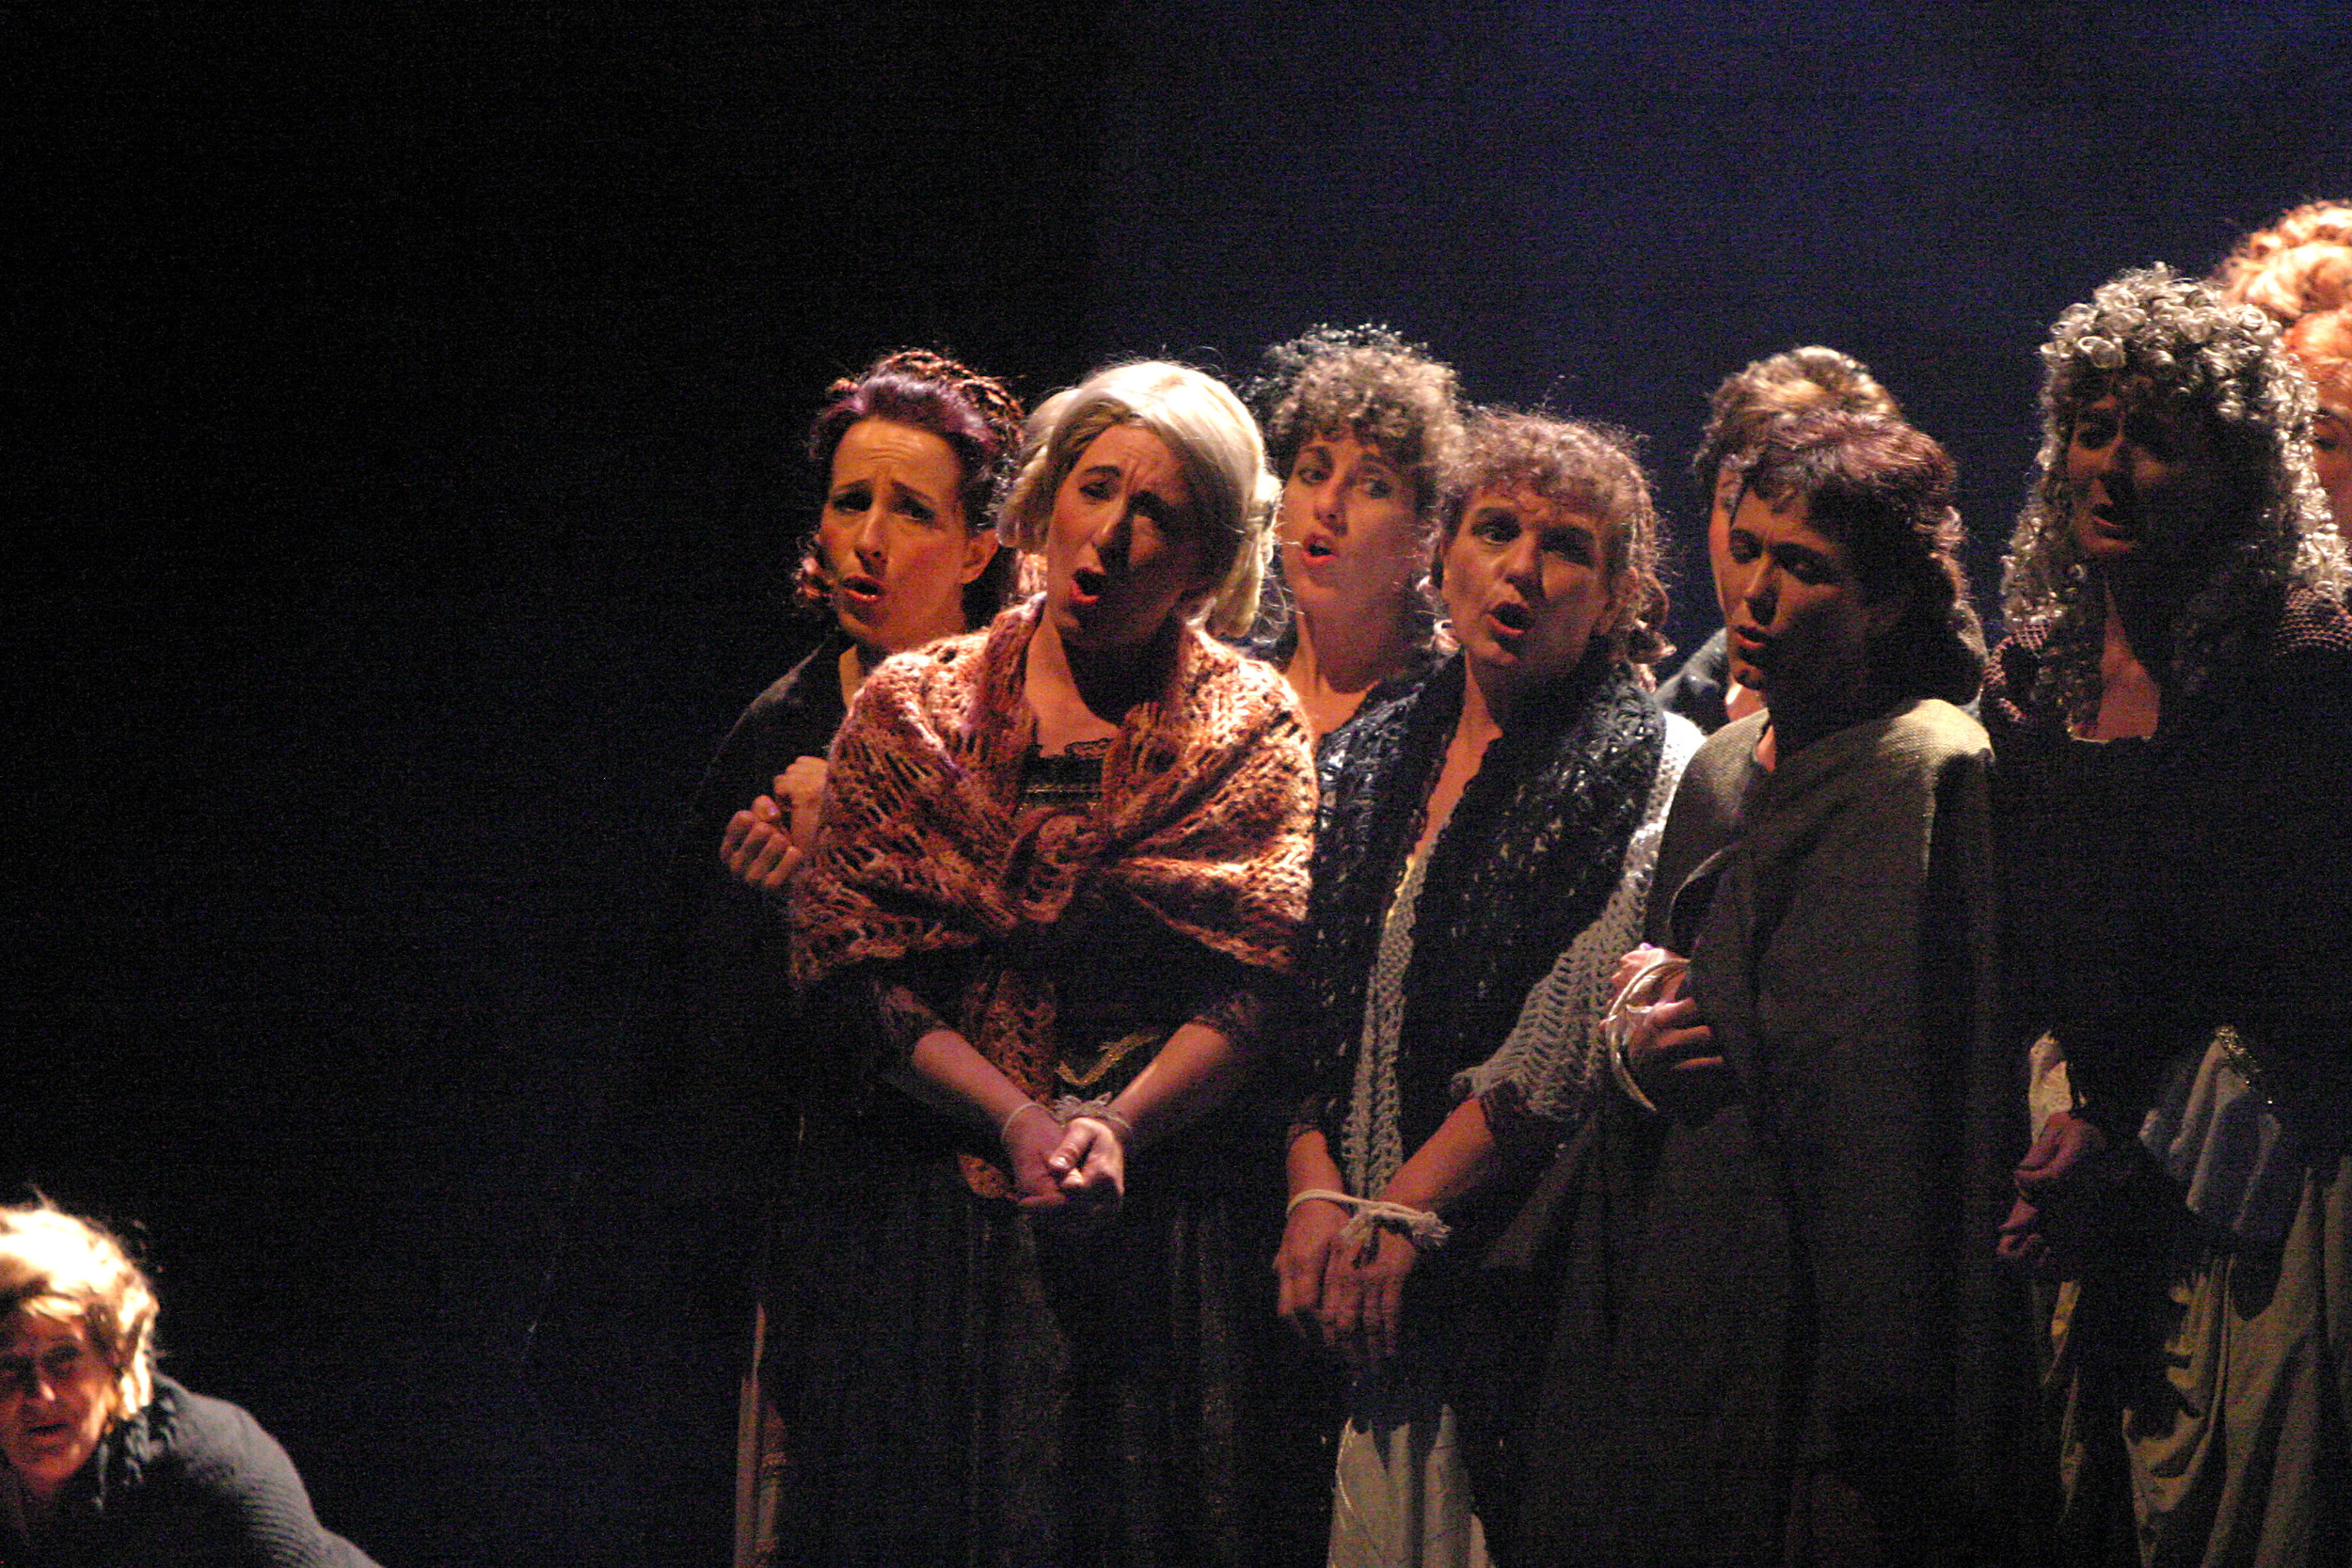 198 - The Scarlet Pimpernel 2005 - Uden.jpg